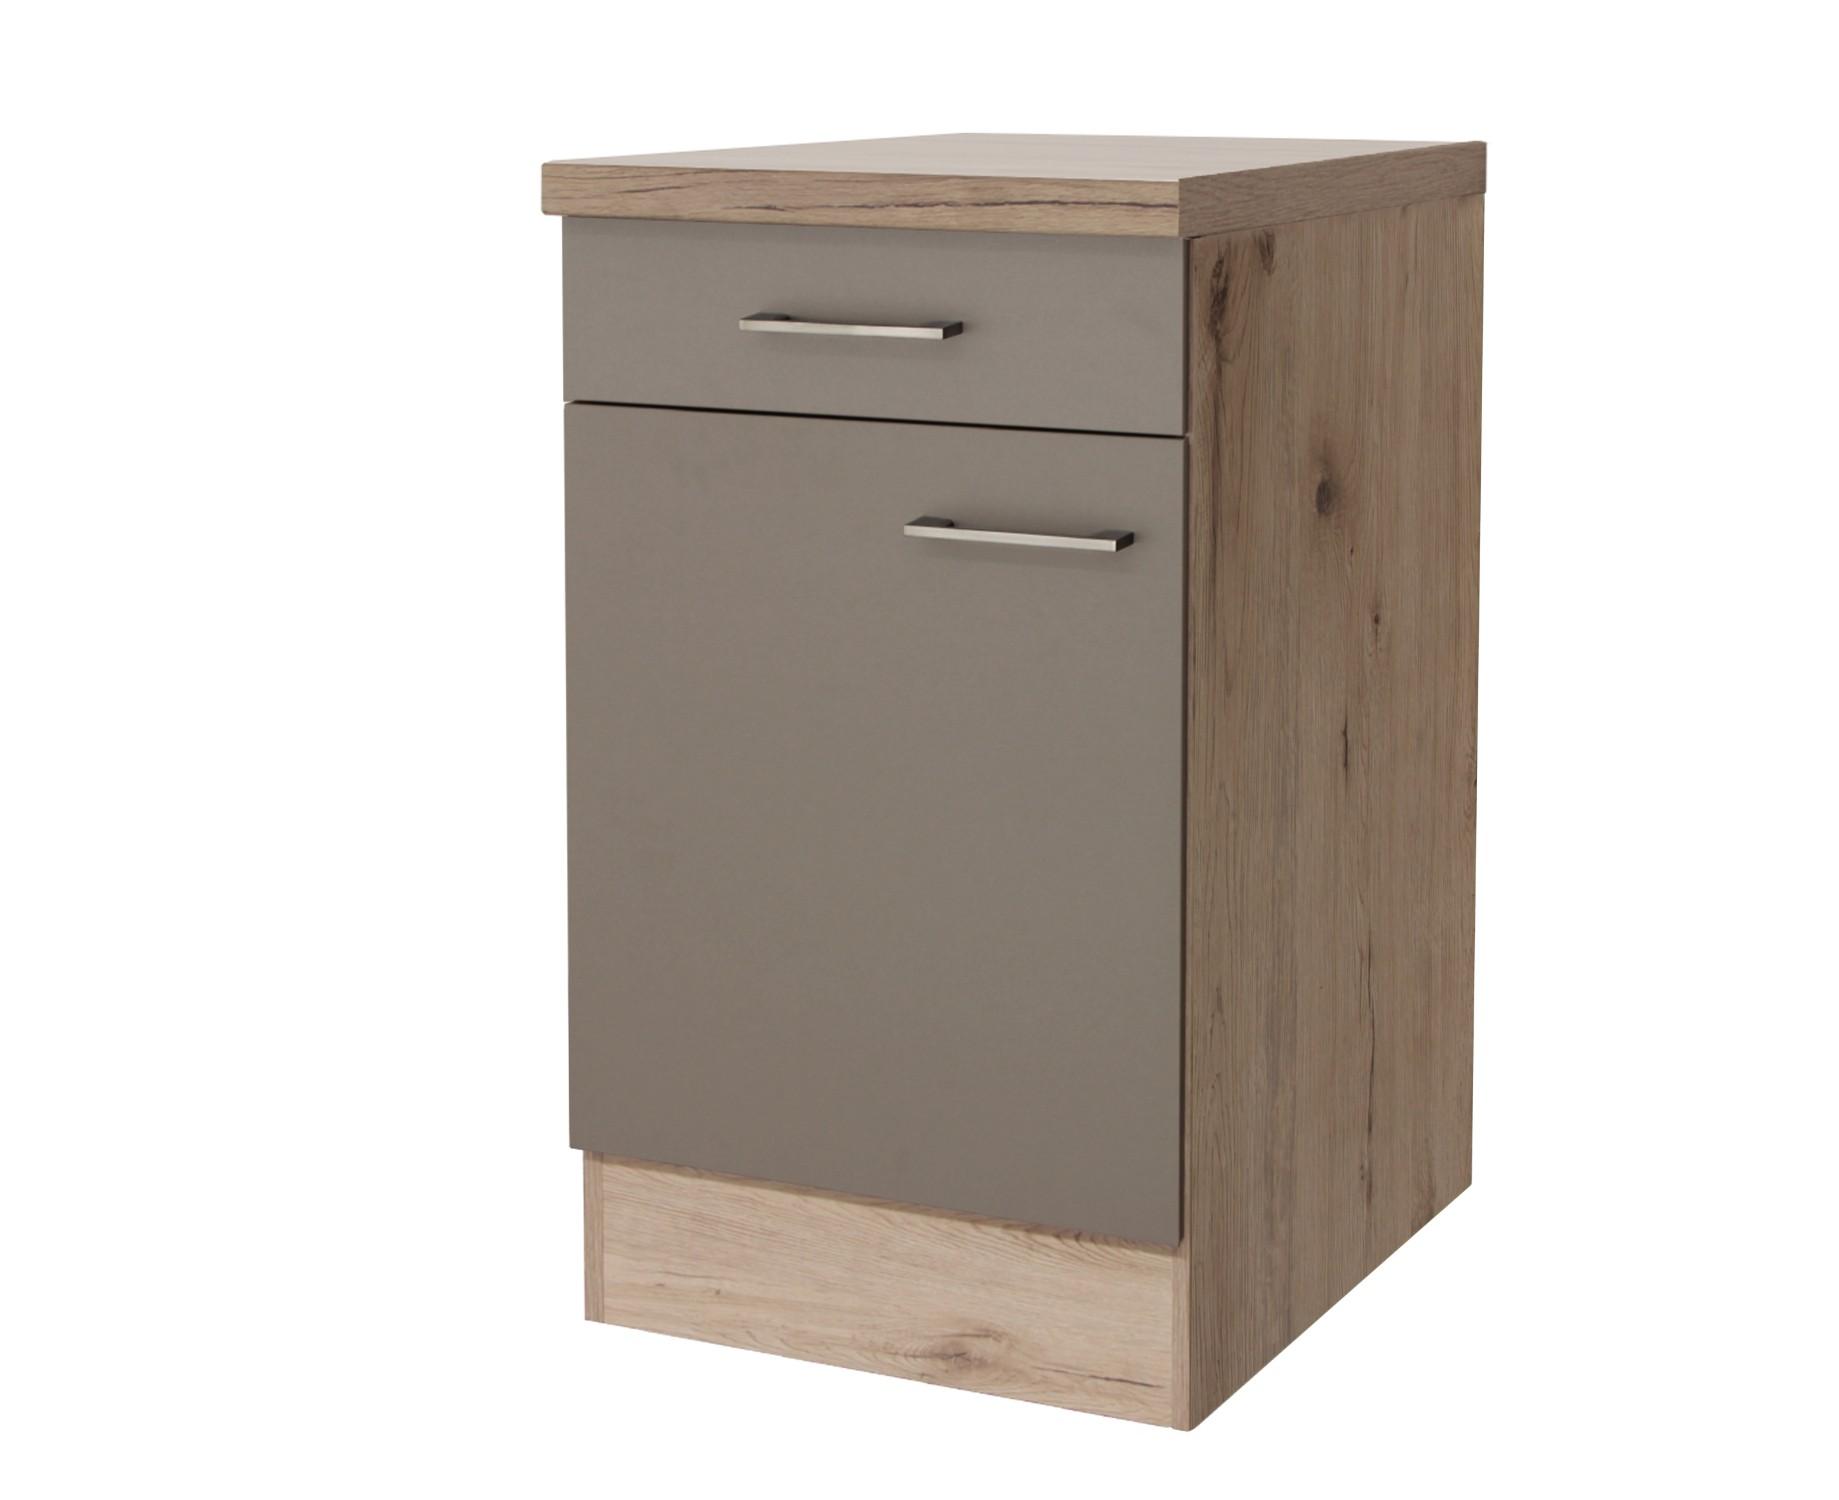 k chen unterschrank riva 1 t rig 50 cm breit bronze. Black Bedroom Furniture Sets. Home Design Ideas